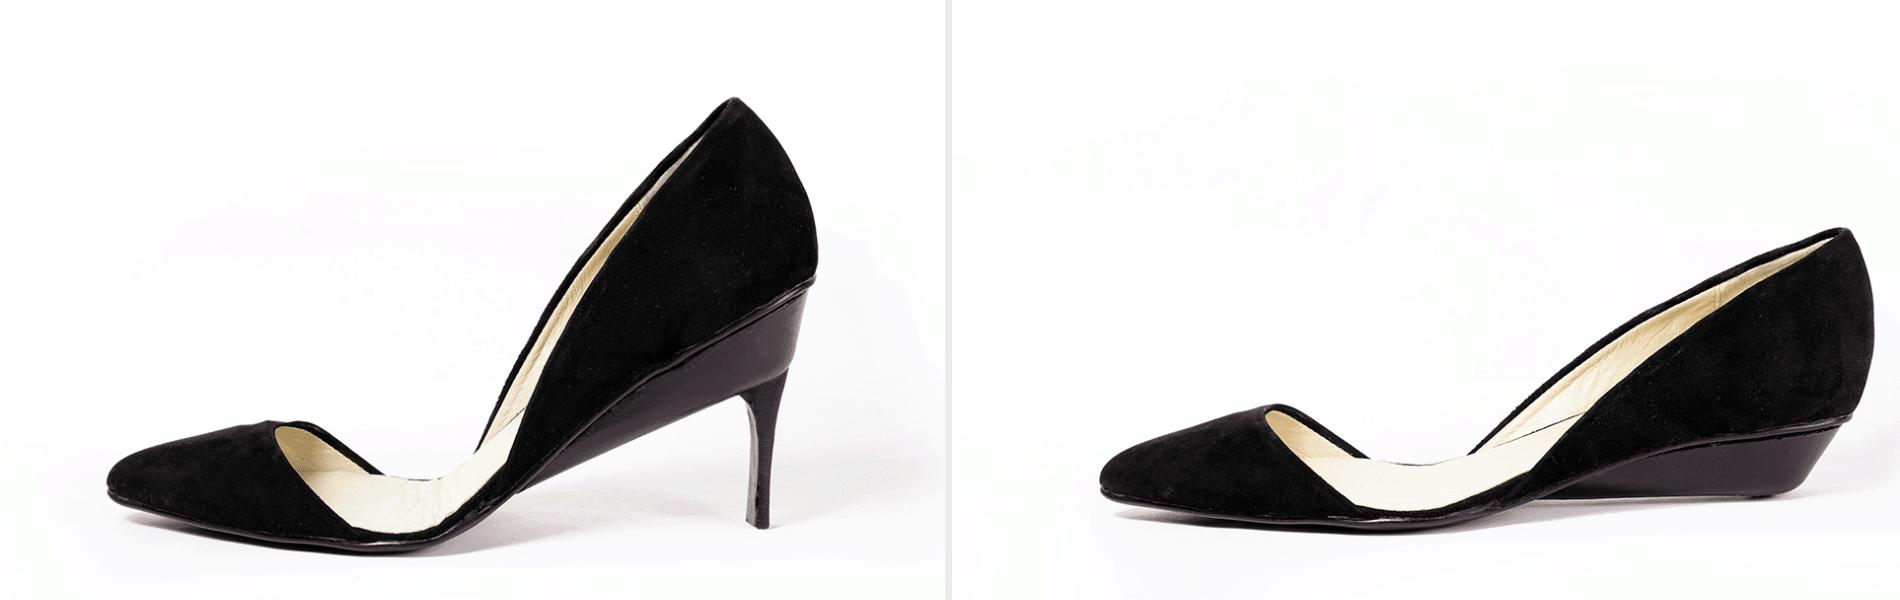 נעלי העקב שהופכות לשטוחות בלחיצת כפתור